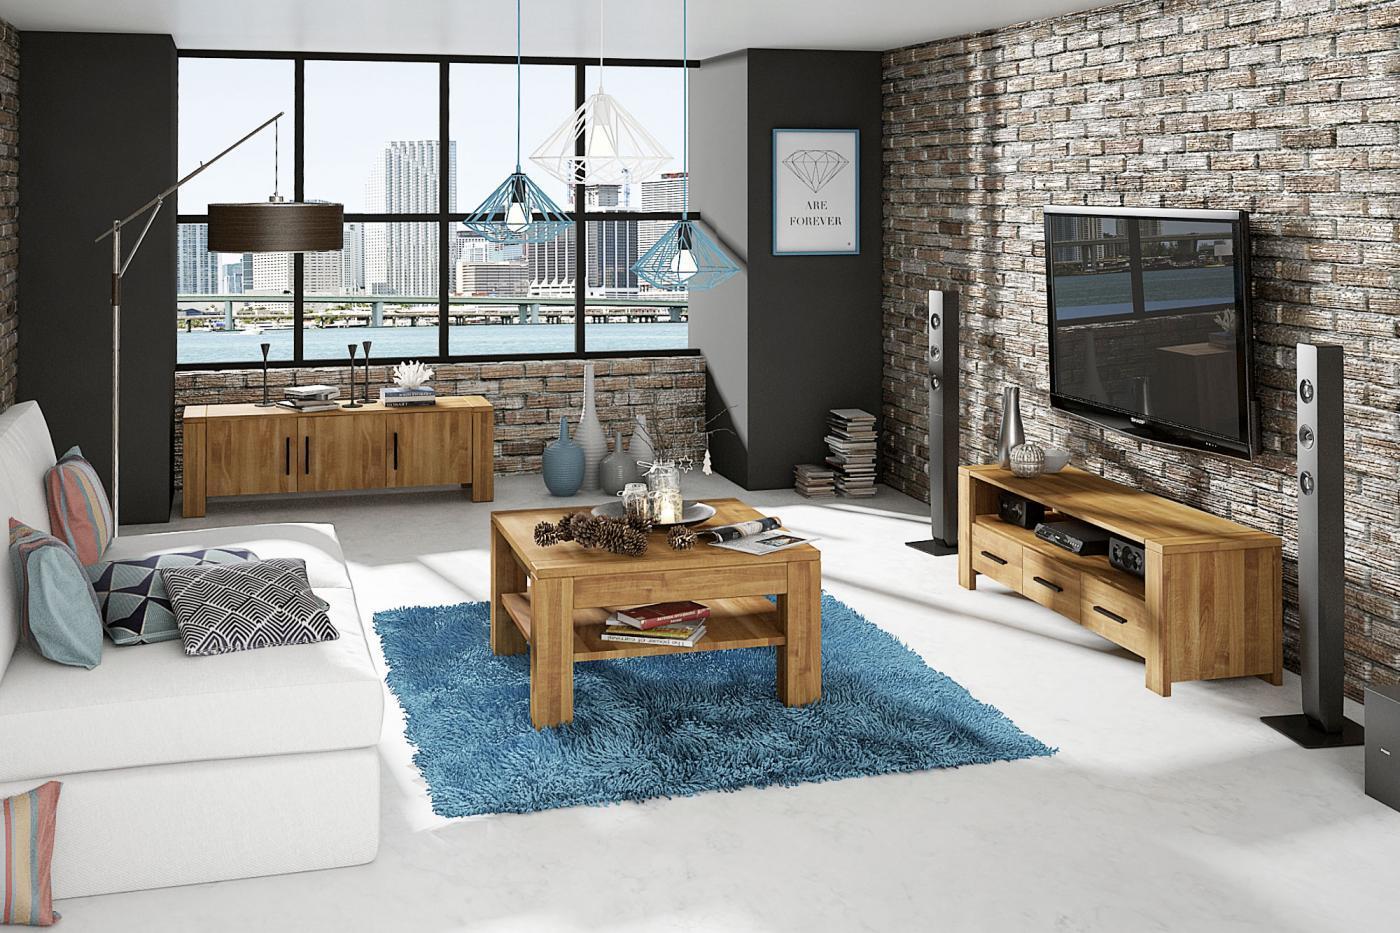 Aranżacja salonu z wykorzystaniem mebli drewnianych